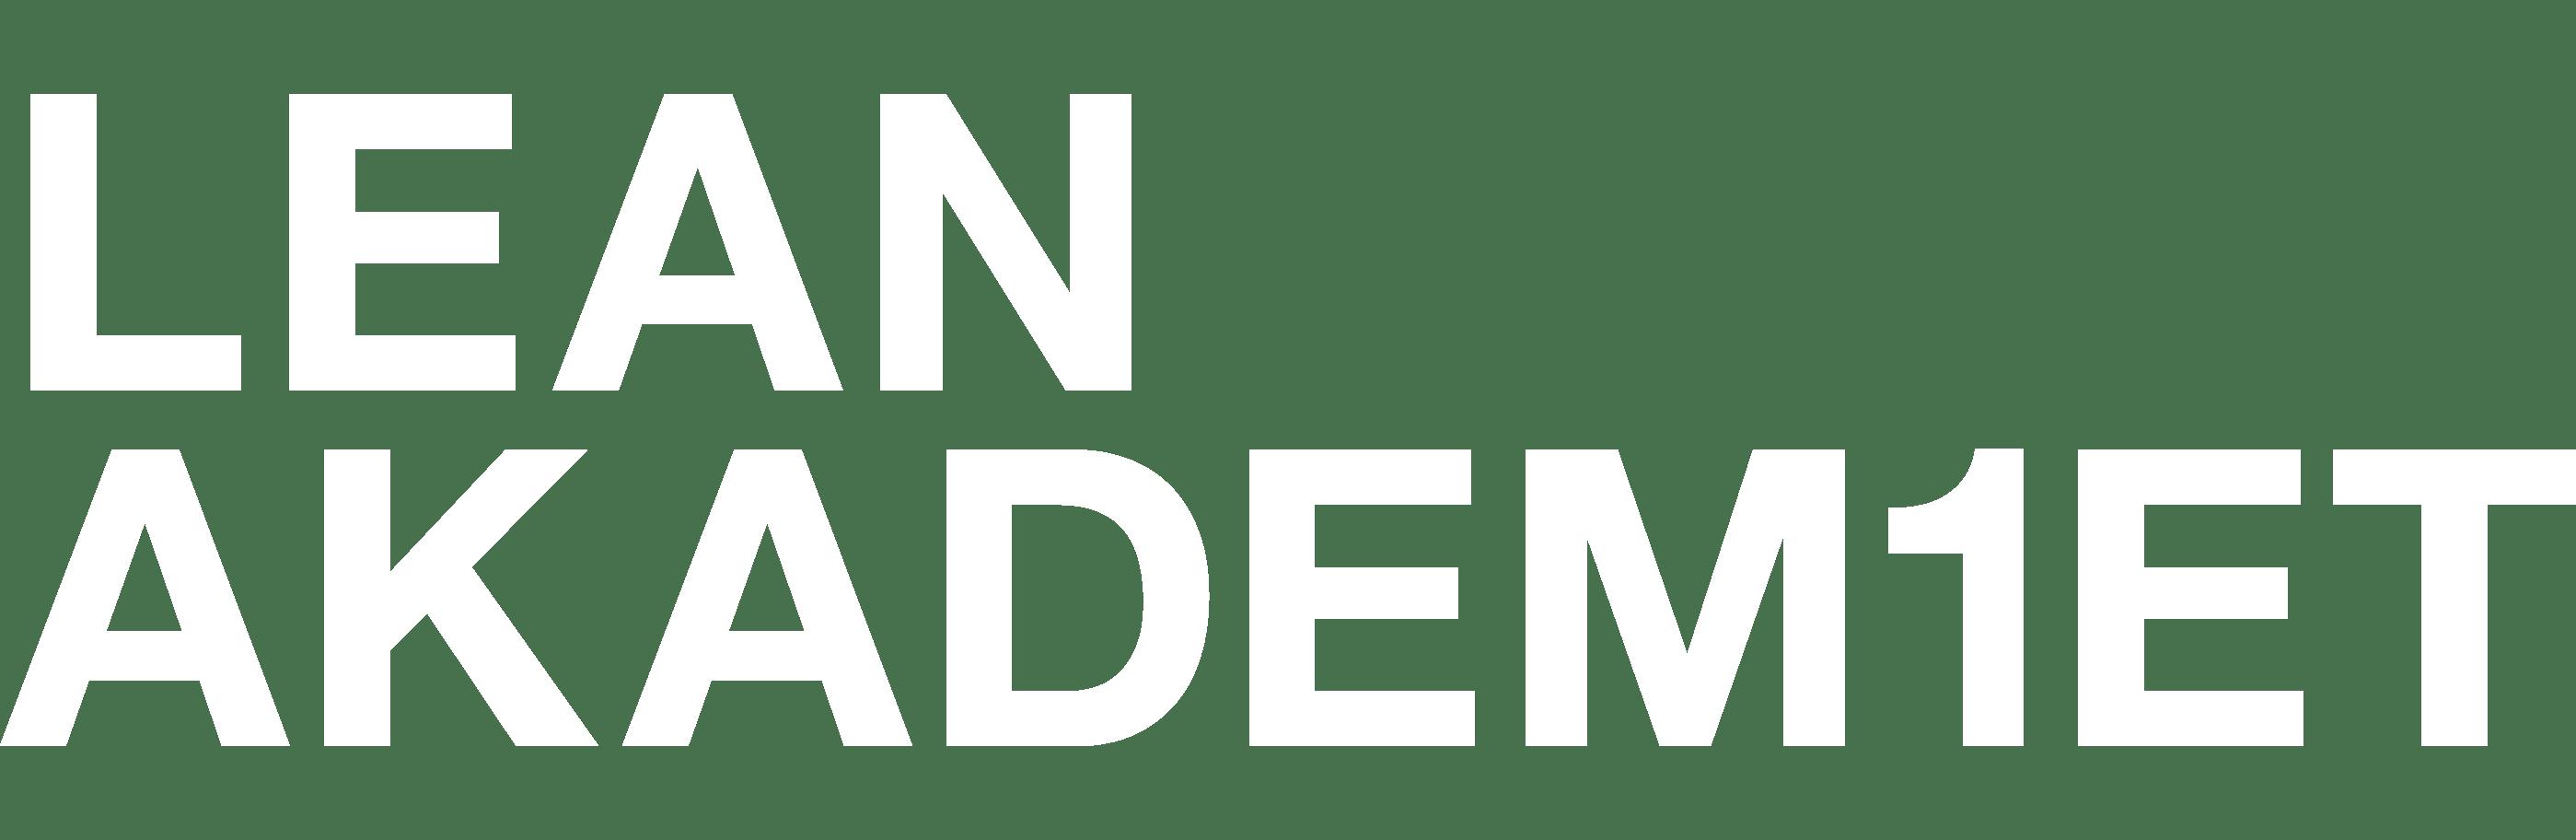 Lean Akademiet, Lean kursus, Lean konsulent, Lean uddannelse